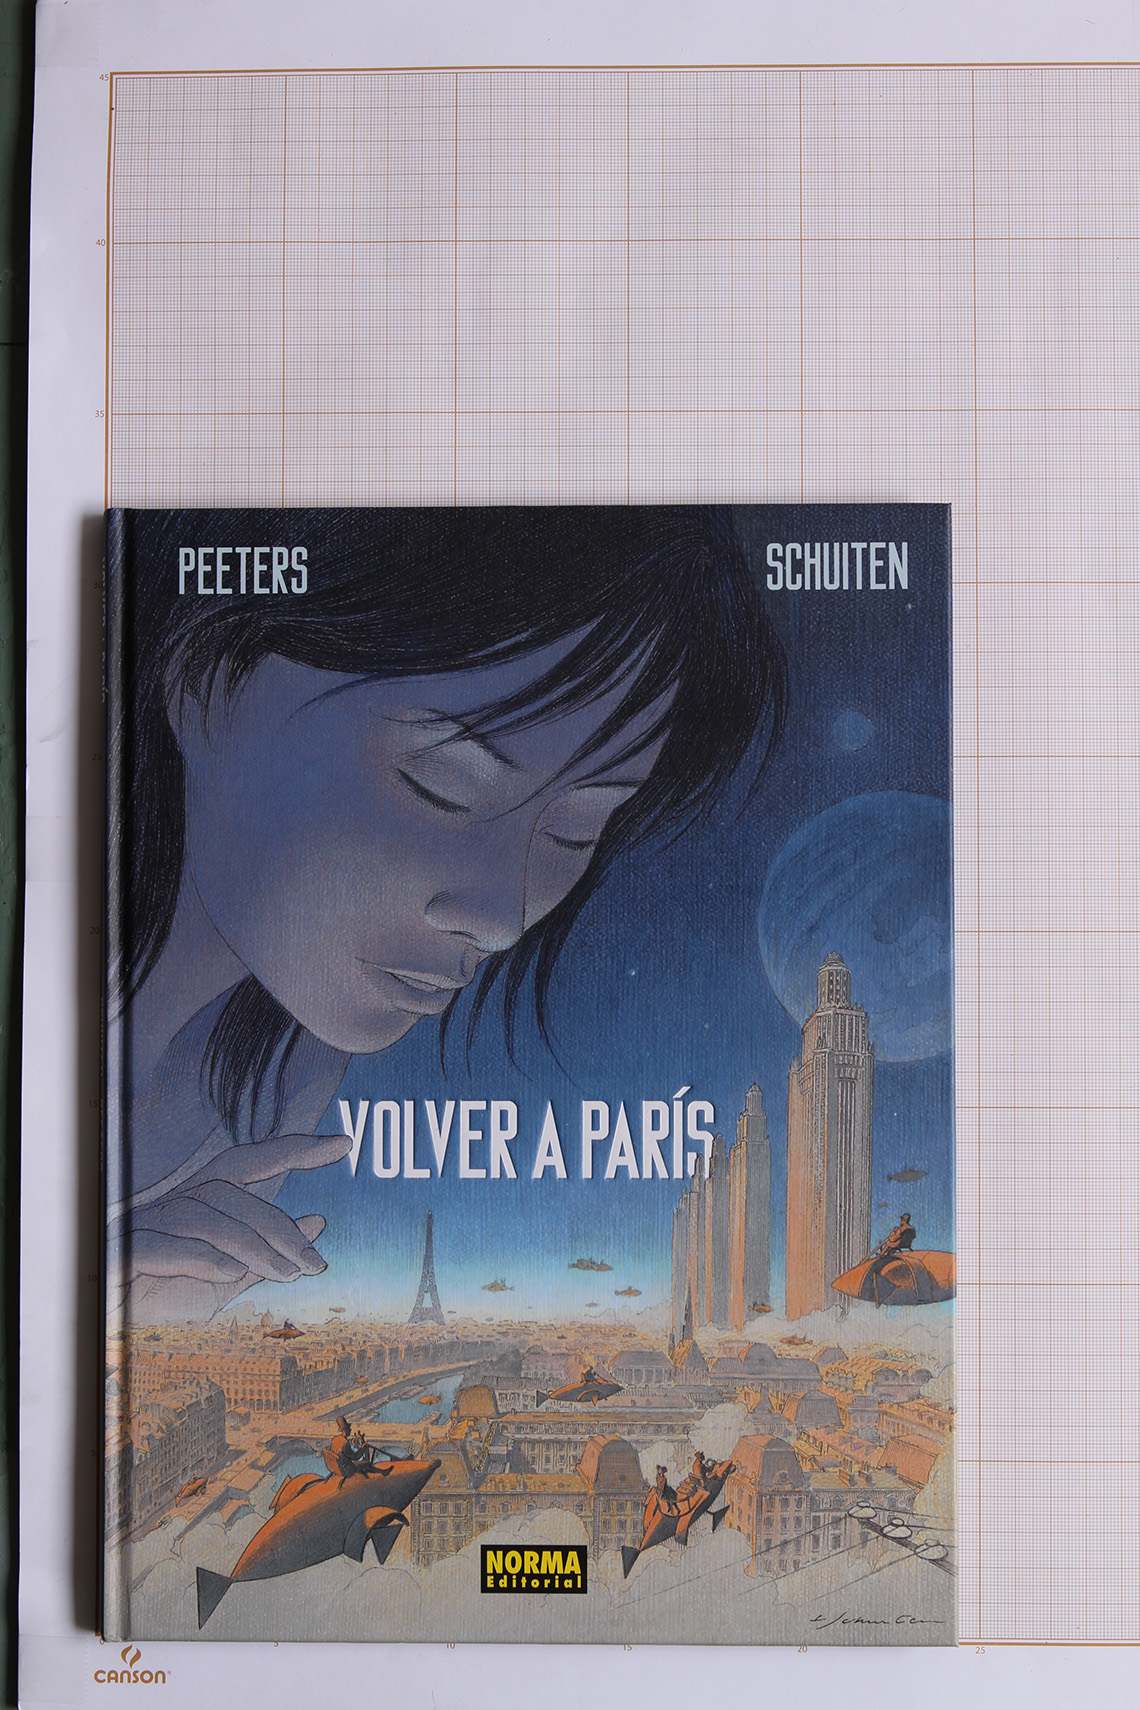 Volver a París 1, F.Schuiten & B.Peeters - Norma Editorial© Maison Autrique, 2015